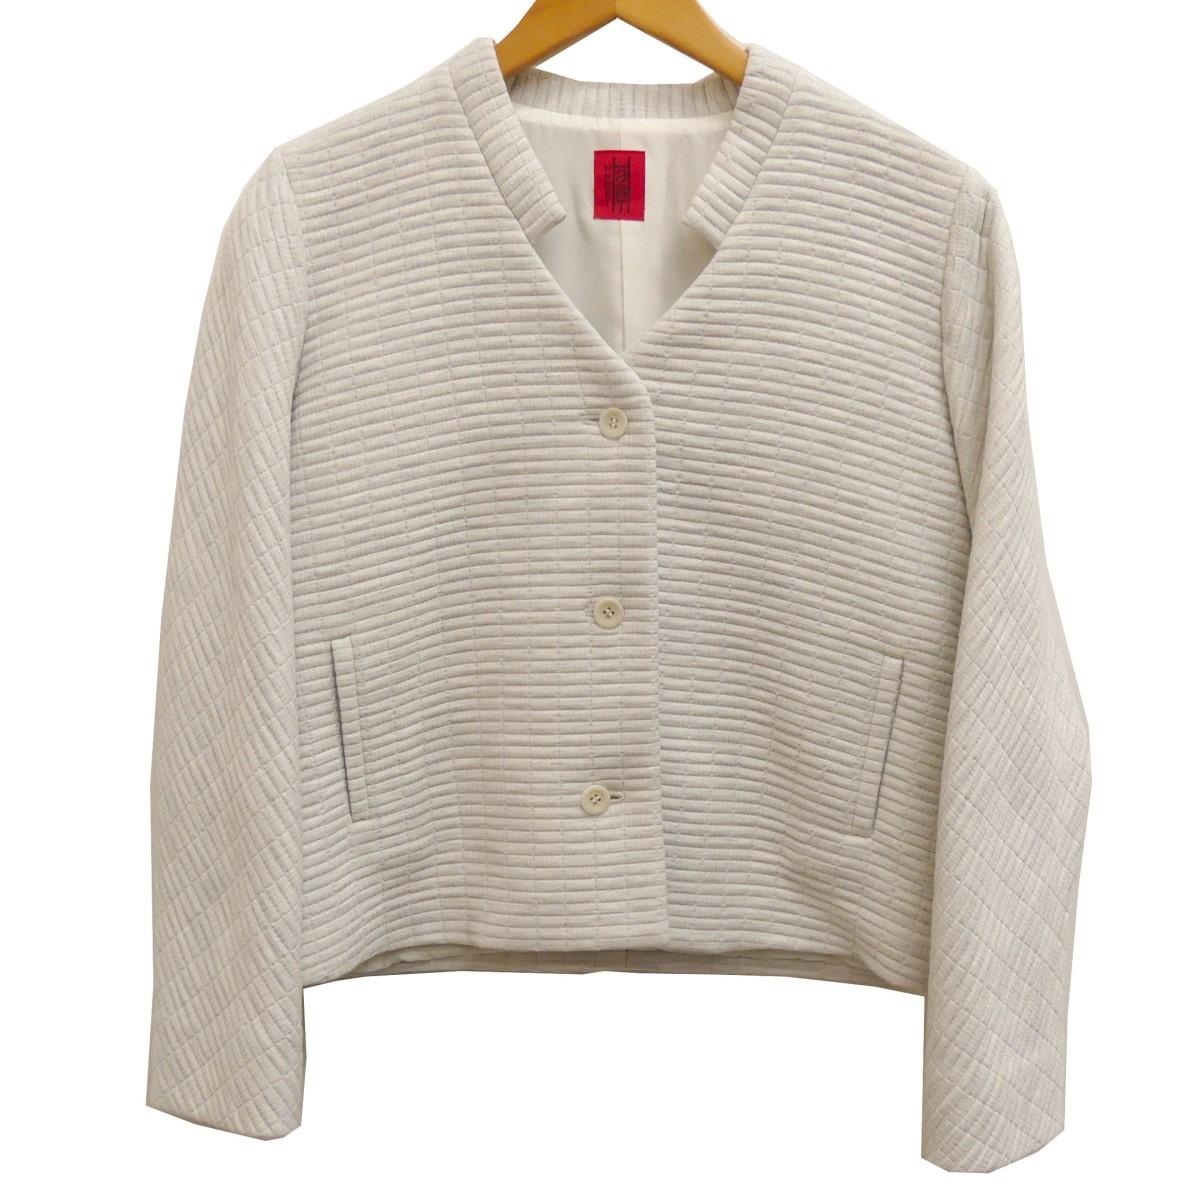 【中古】HaaT 18SS ノーカラージャケット ホワイト サイズ:2 【160420】(ハート)